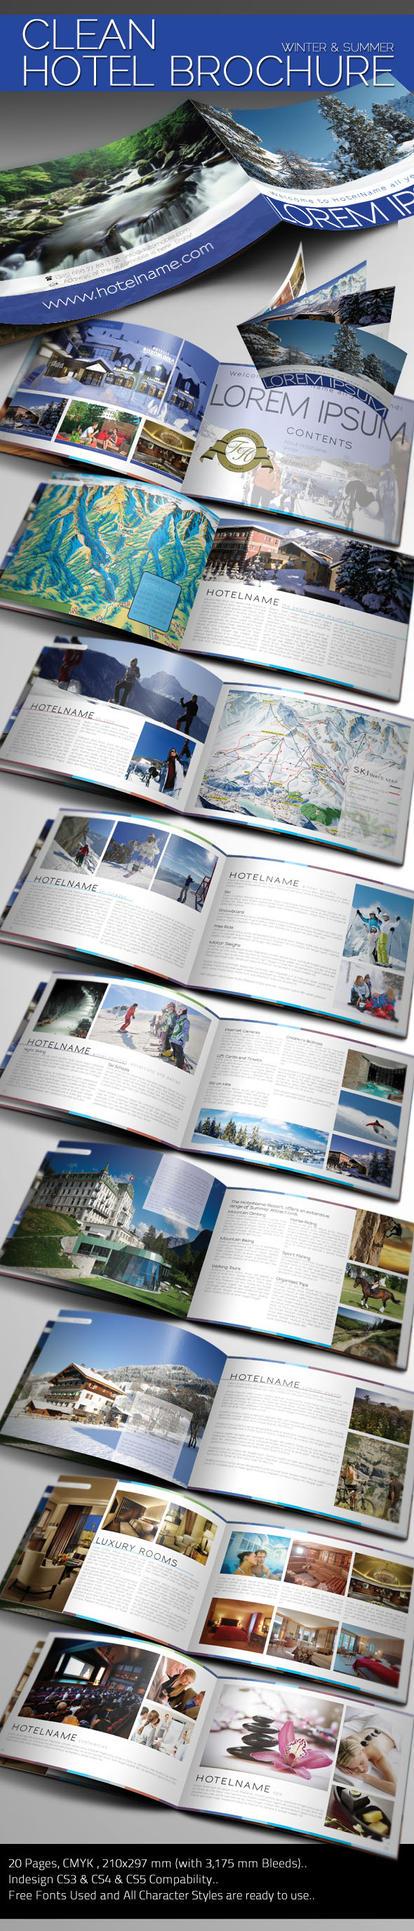 Clean Hotel Brochure by BALKAy